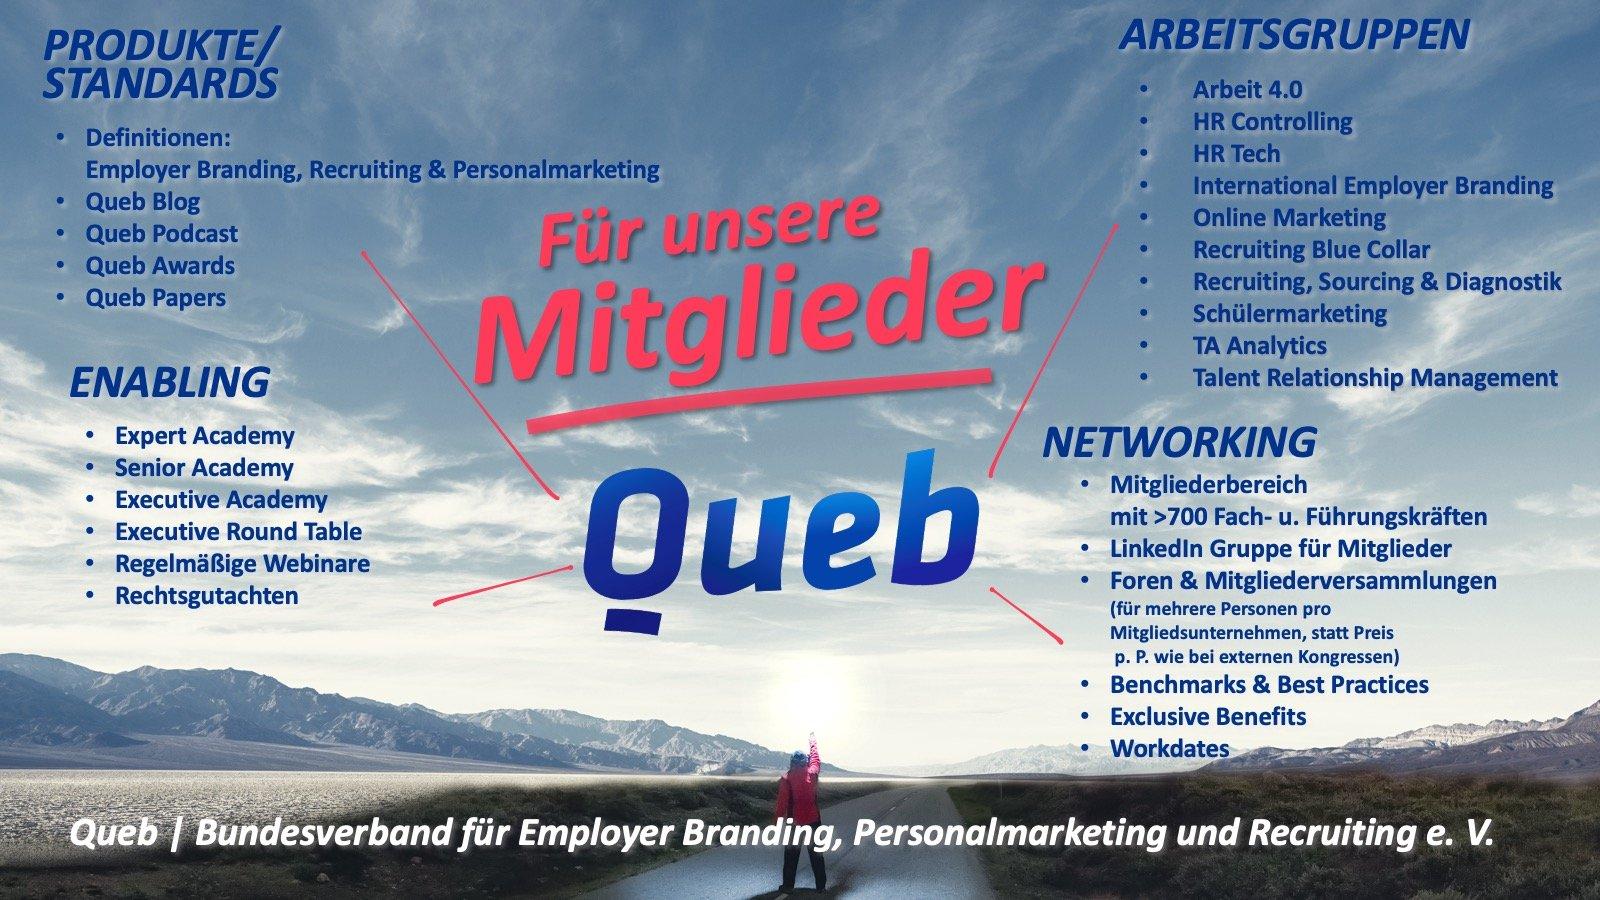 Queb | Bundesverband für Employer Branding, Personalmarketing und Recruiting e. V. Portfolio